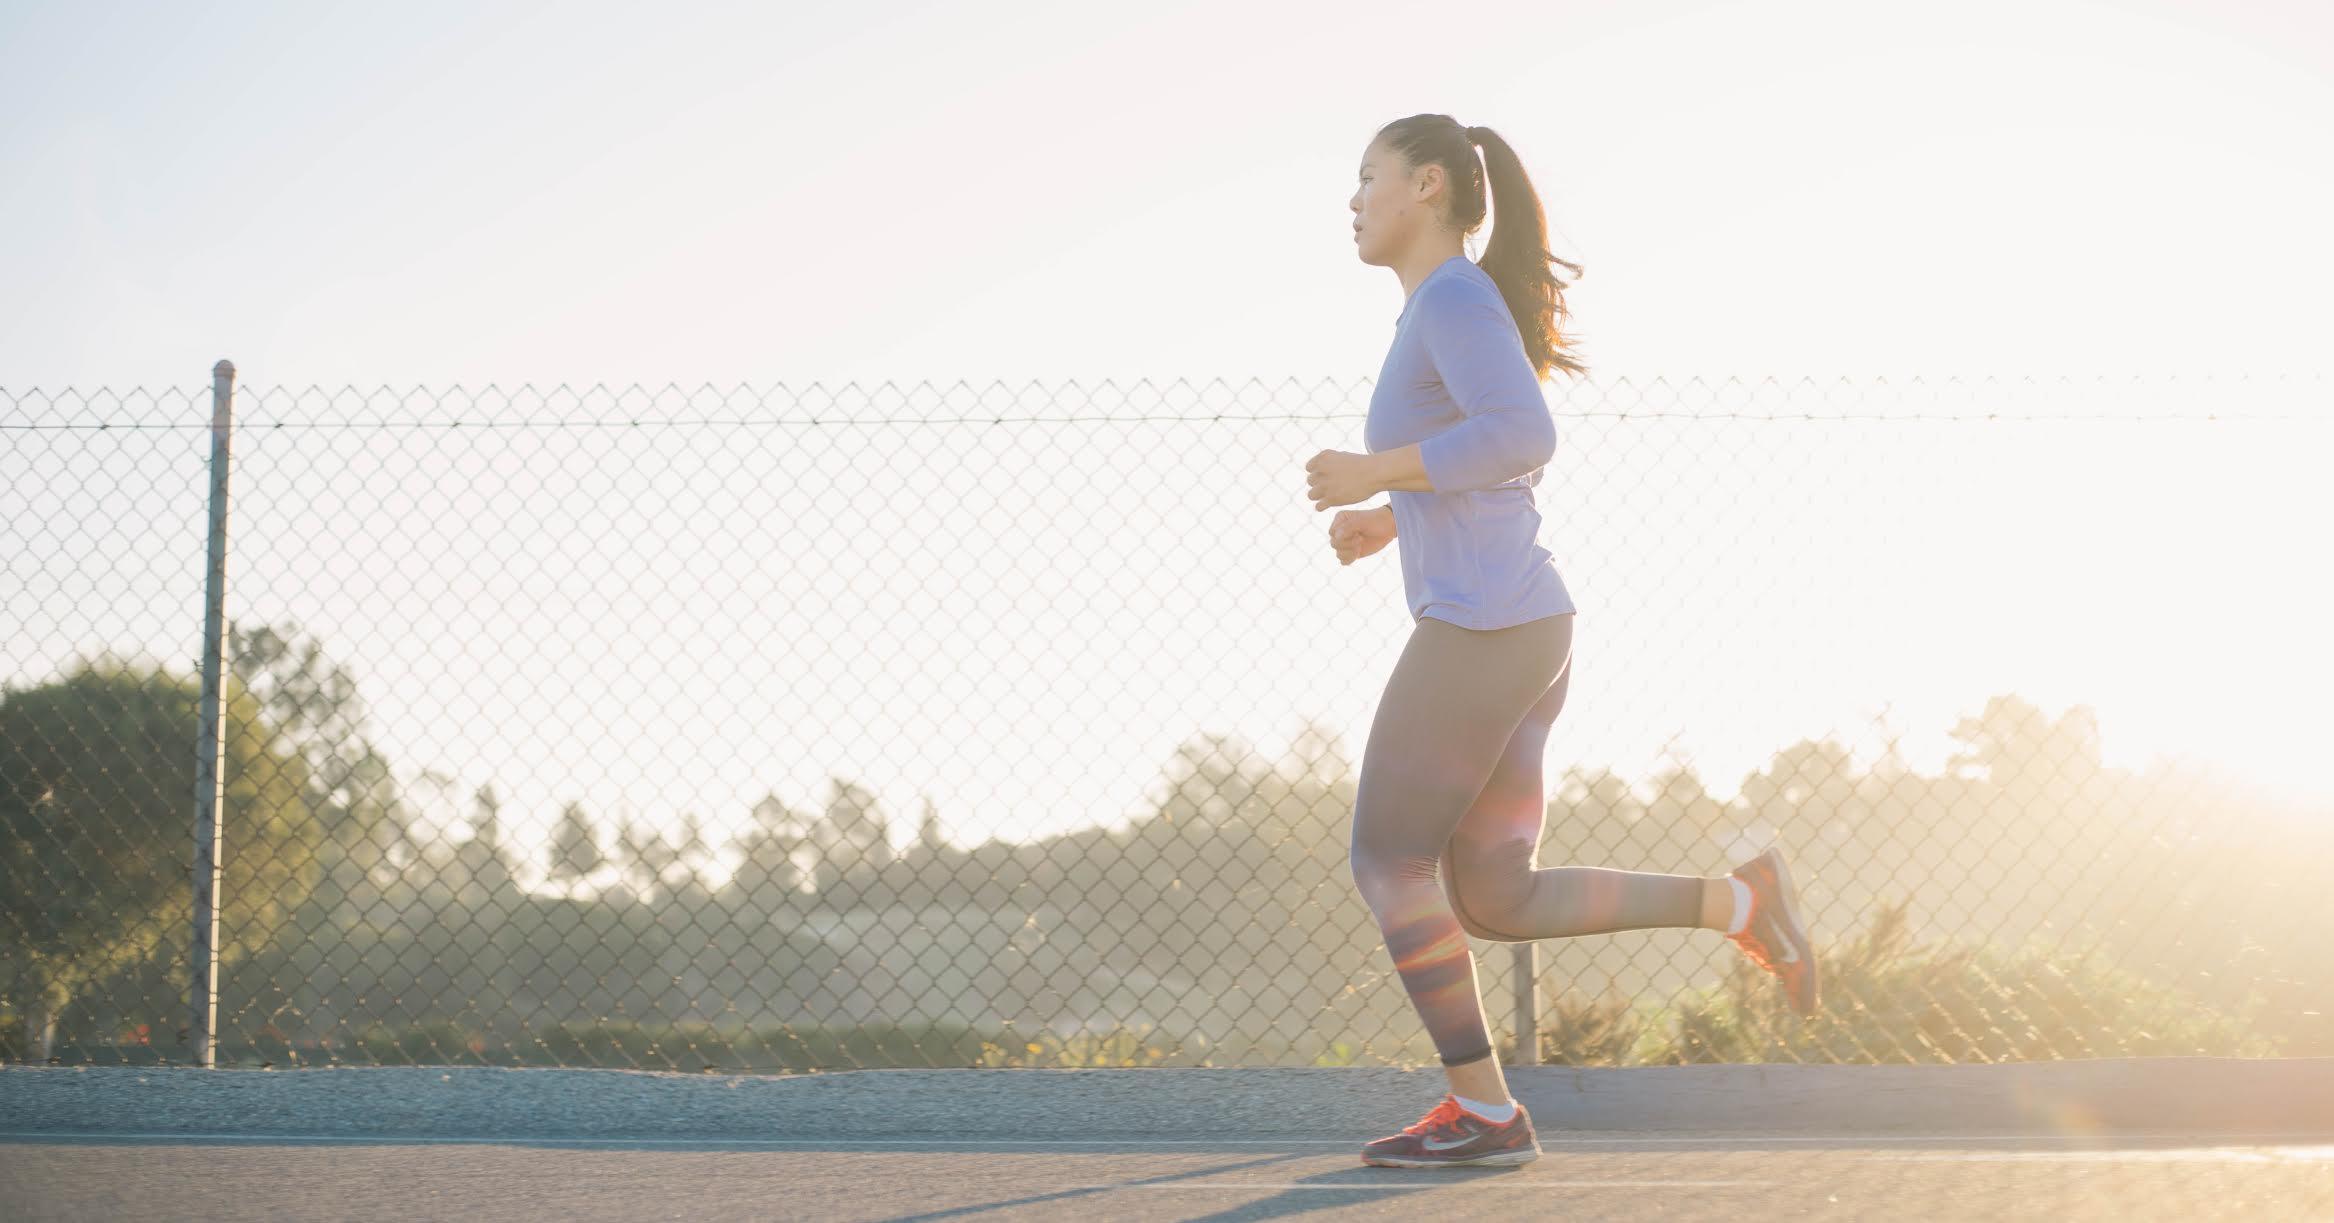 Cómo hidratarse adecuadamente al ejercitarse